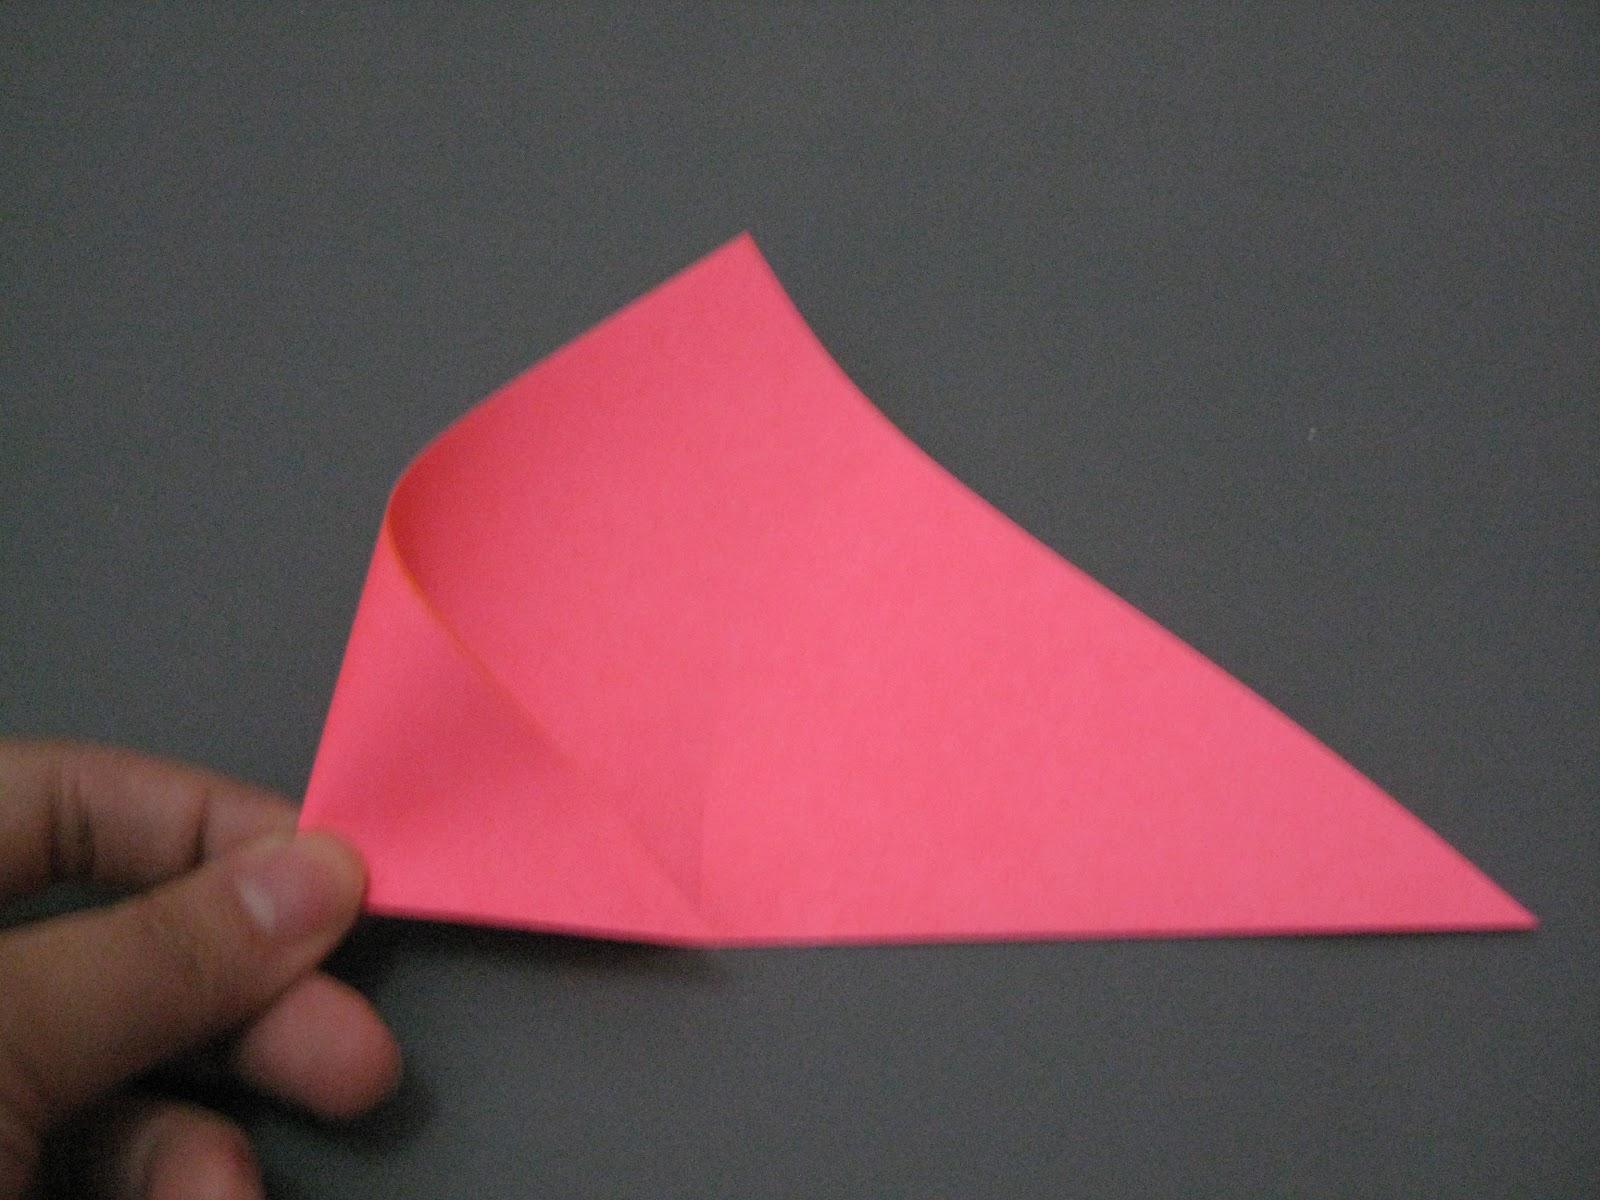 Selanjutnya, beri tanda dengan cara melipat ujung kanan kertas ke